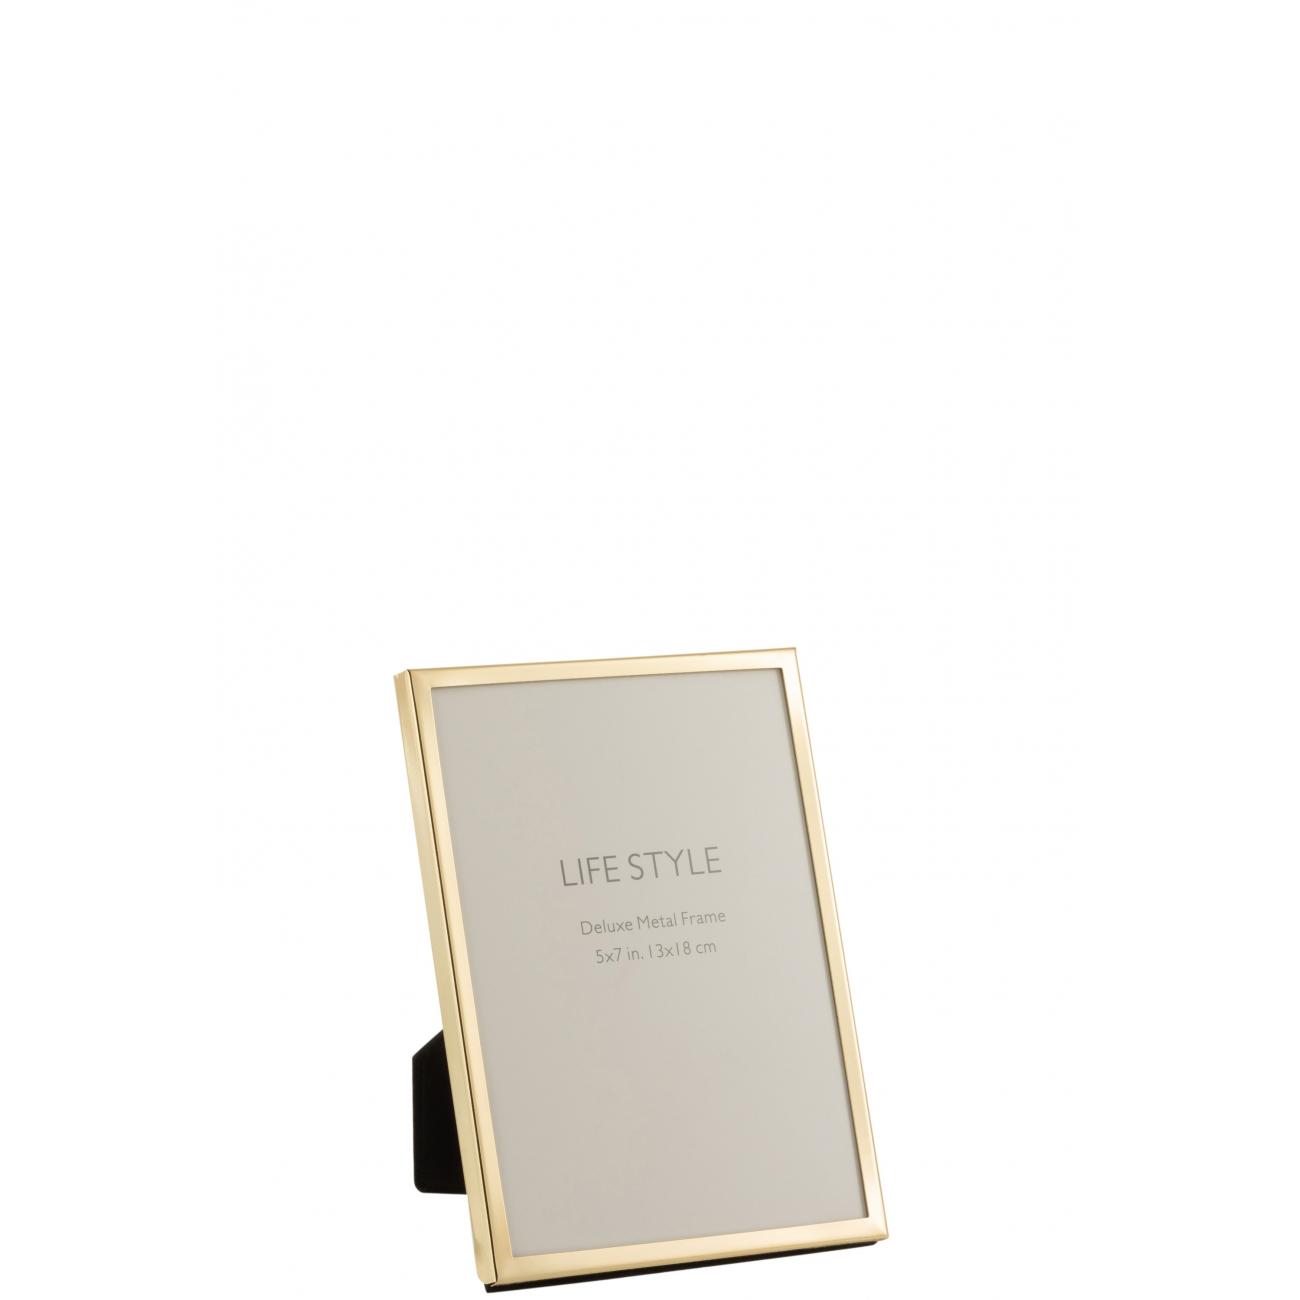 Фоторамка J-LINE металлическая золотого цвета 13х18 см Бельгия